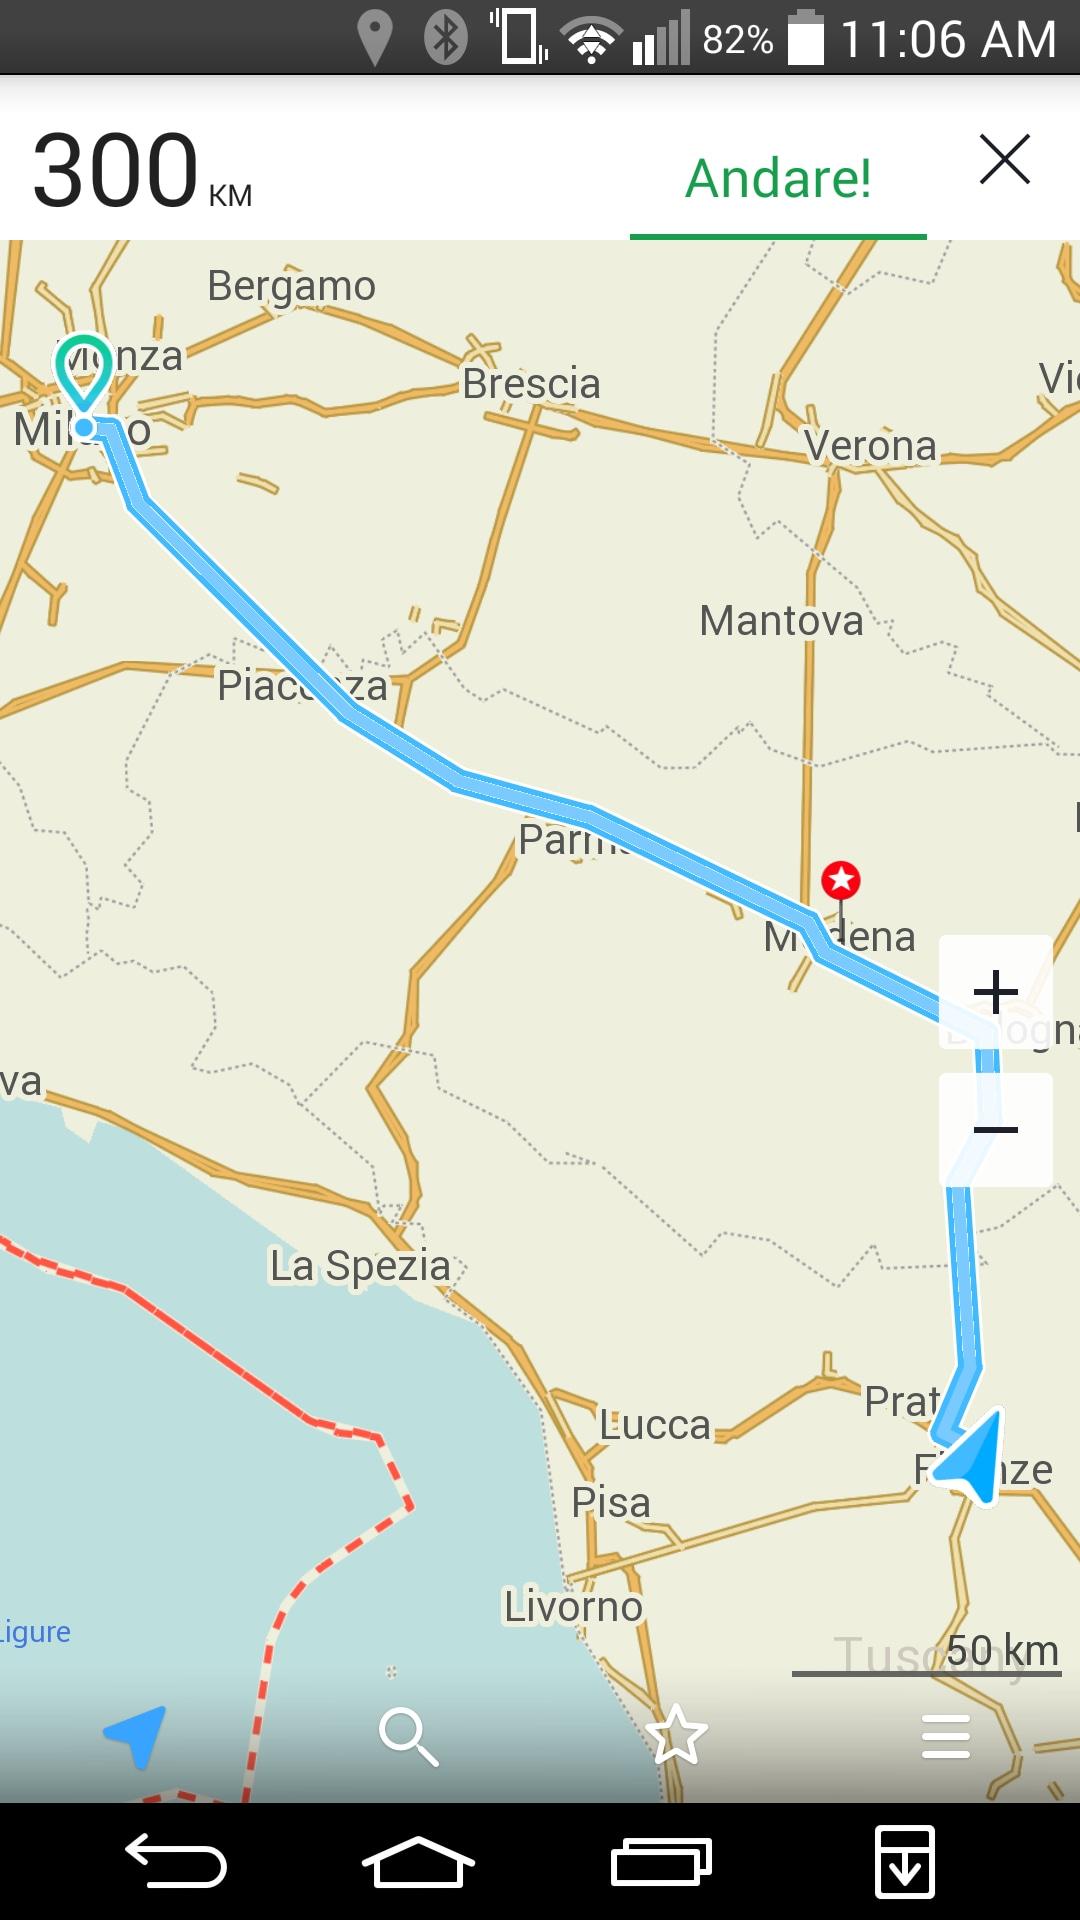 MAPS.ME_navigatore offilne gratuito_17